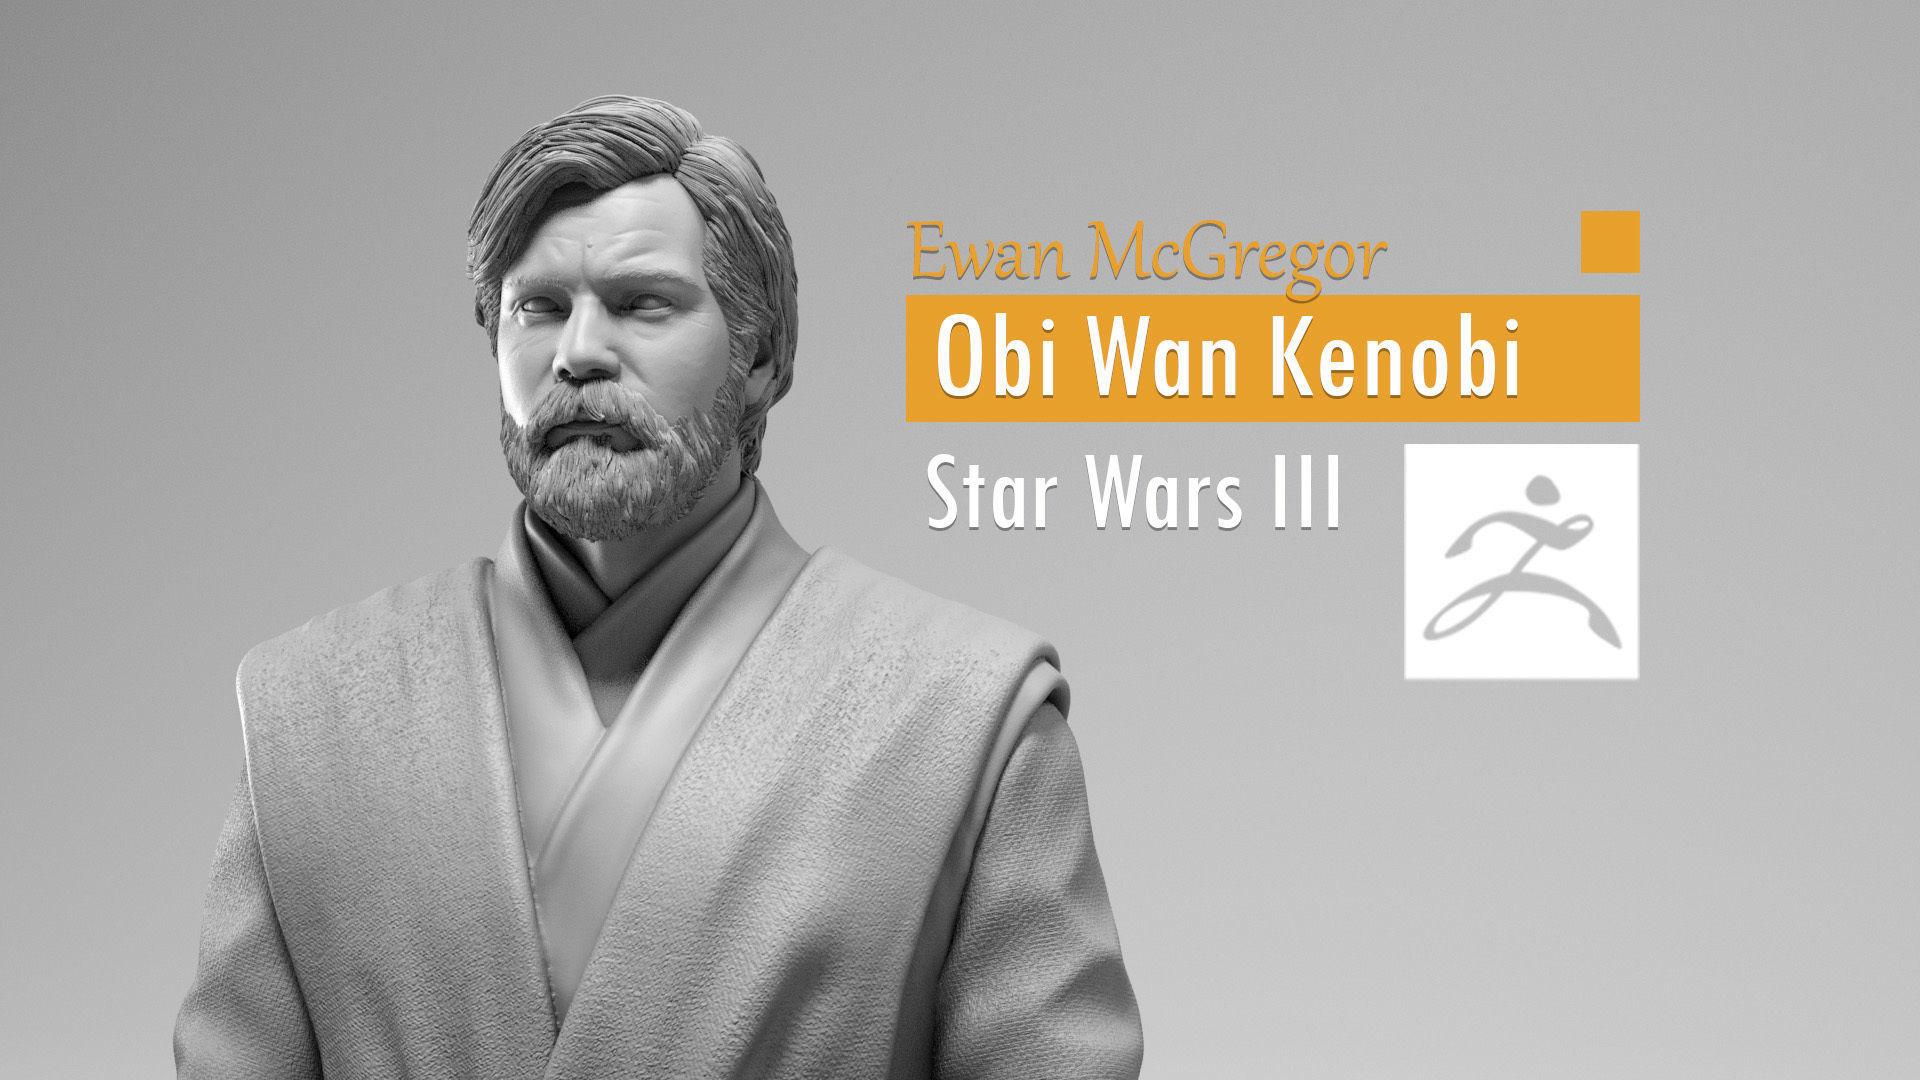 Ewan McGregor - Obi Wan Kenobi - Star Wars Revenge of the Sith